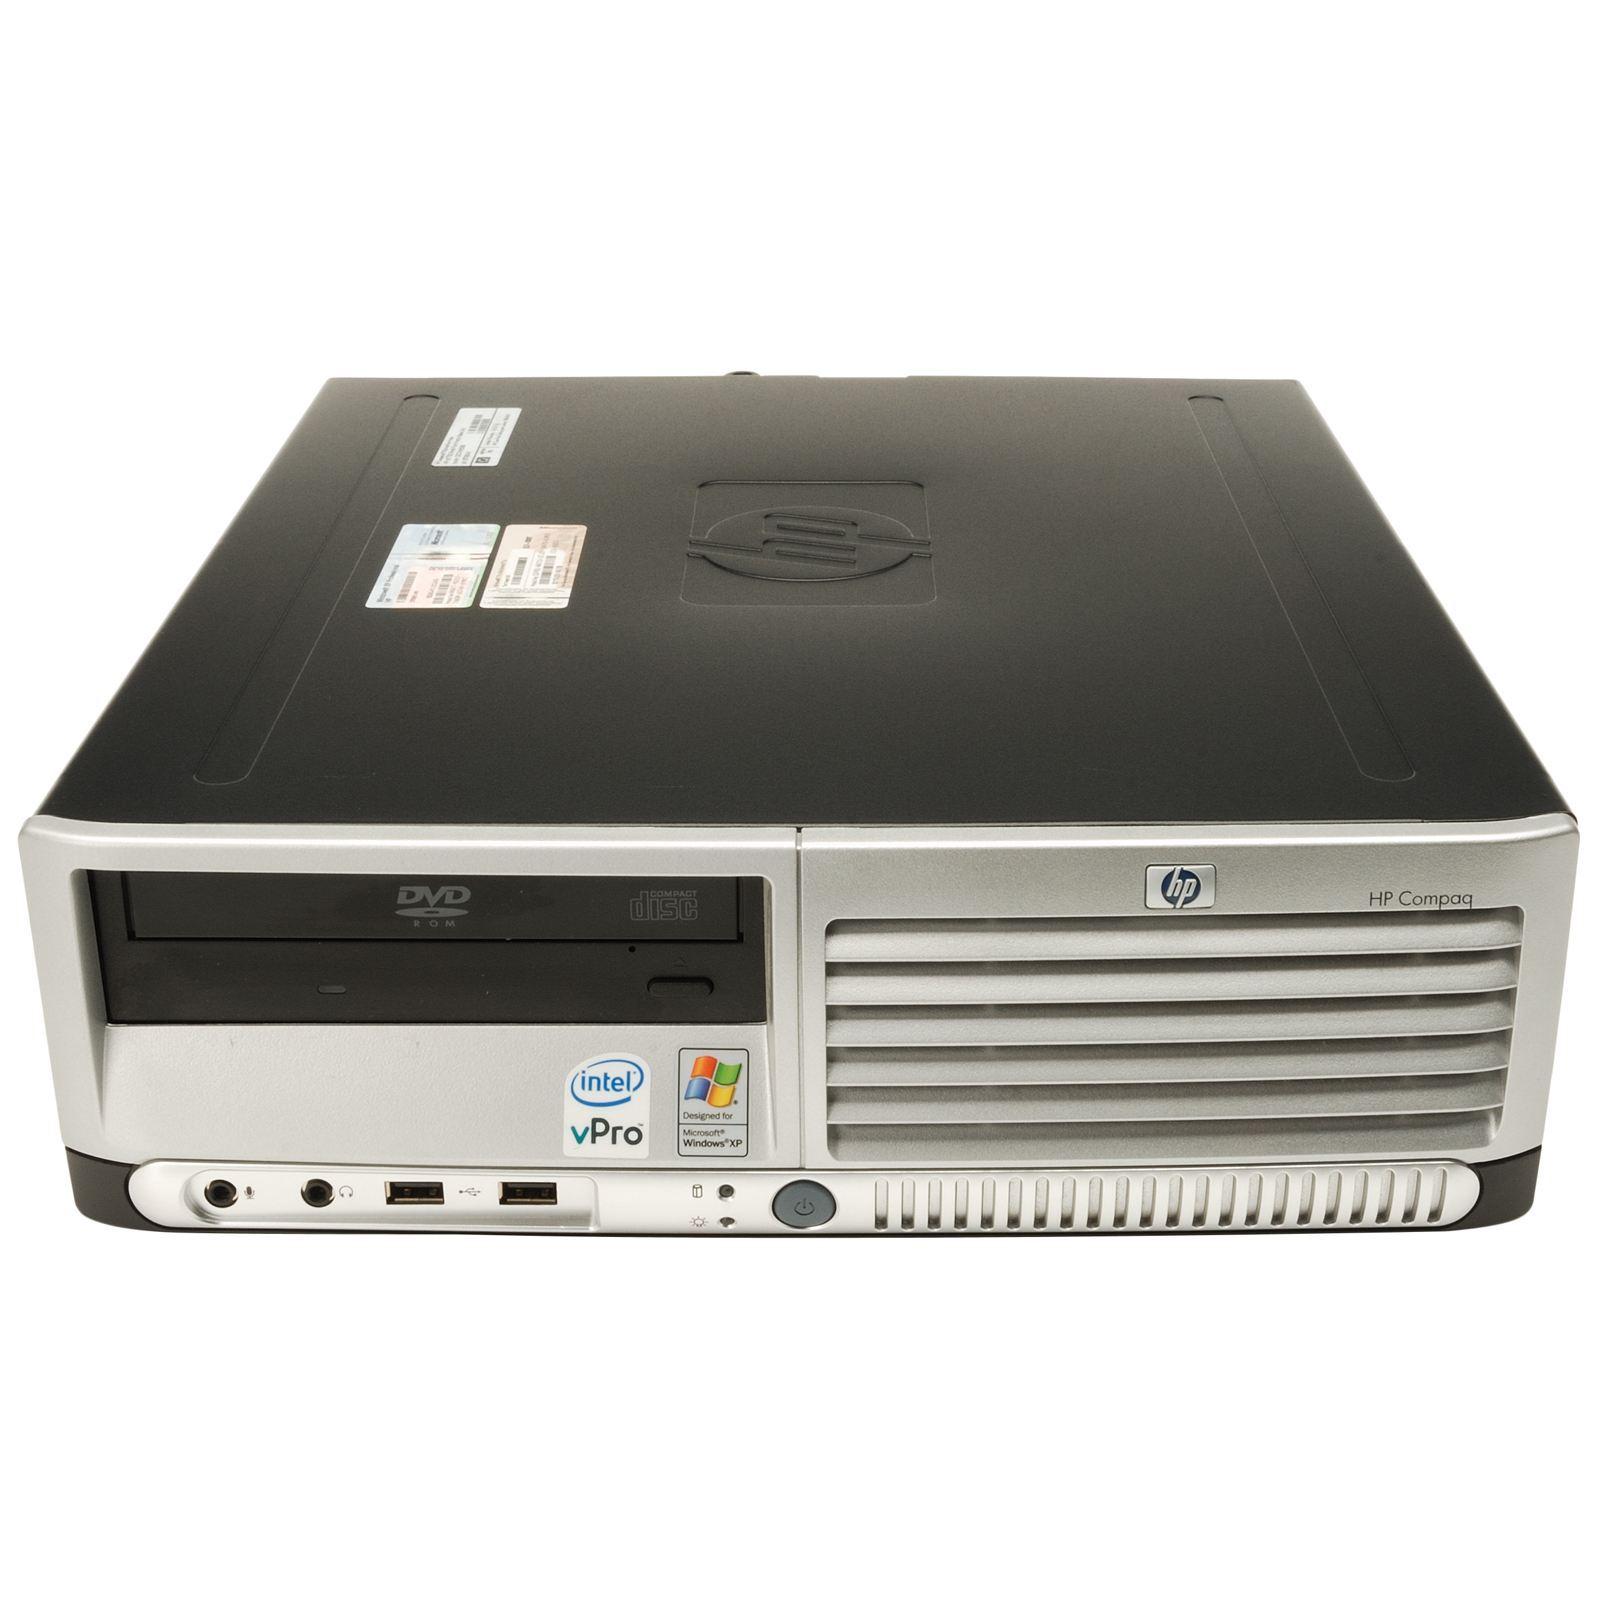 HP Compaq dc7700 SFF – 3926